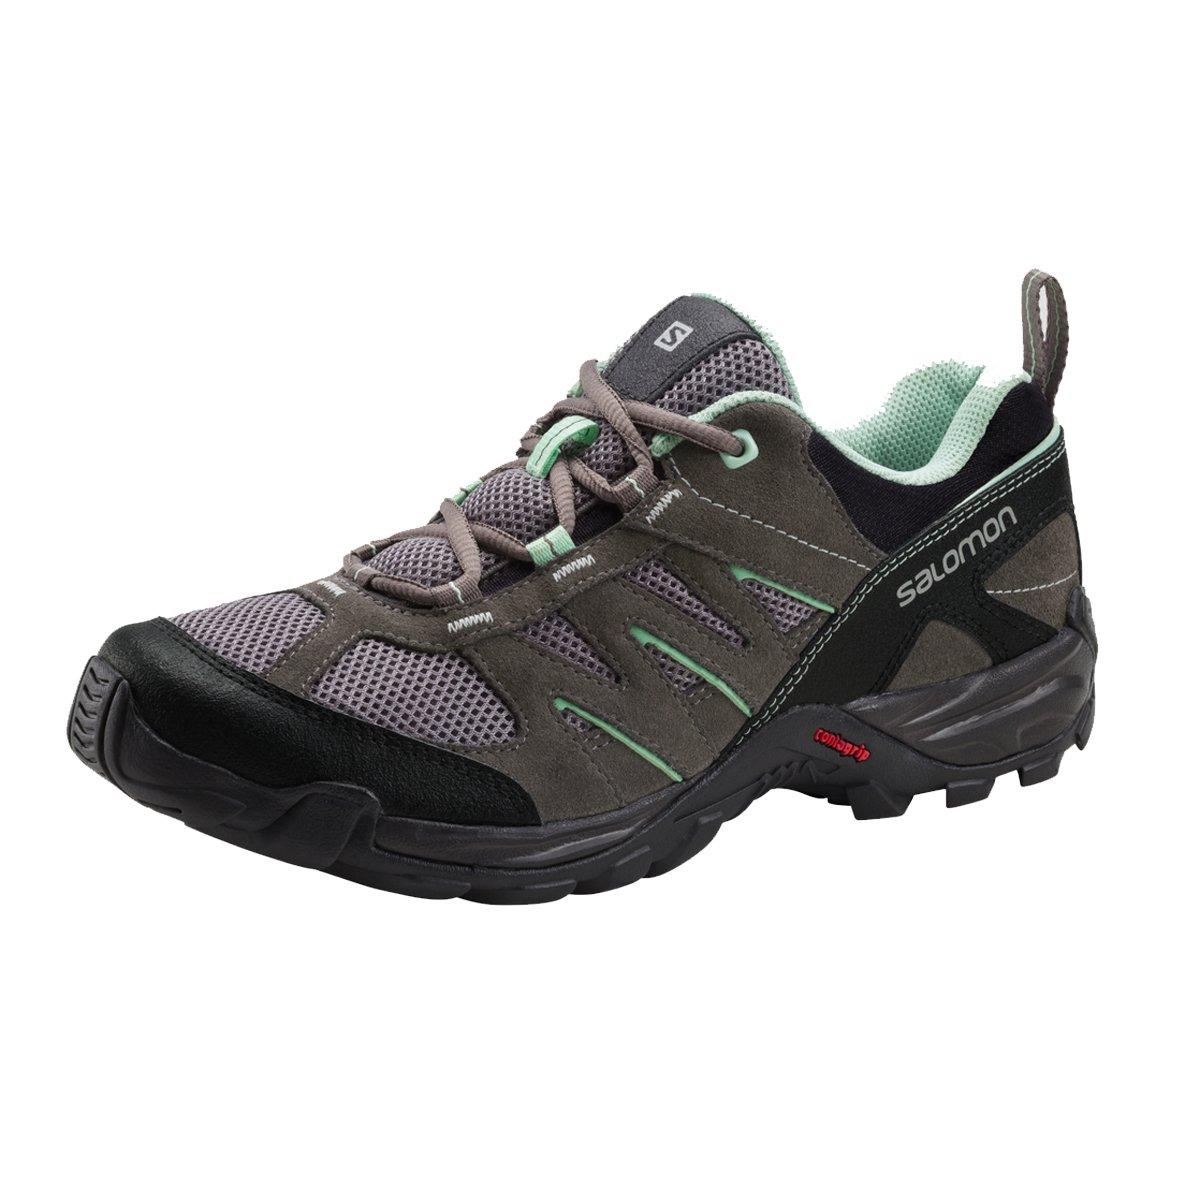 Redwood 3 Chaussure randonnée gris femme Salomon – achat et